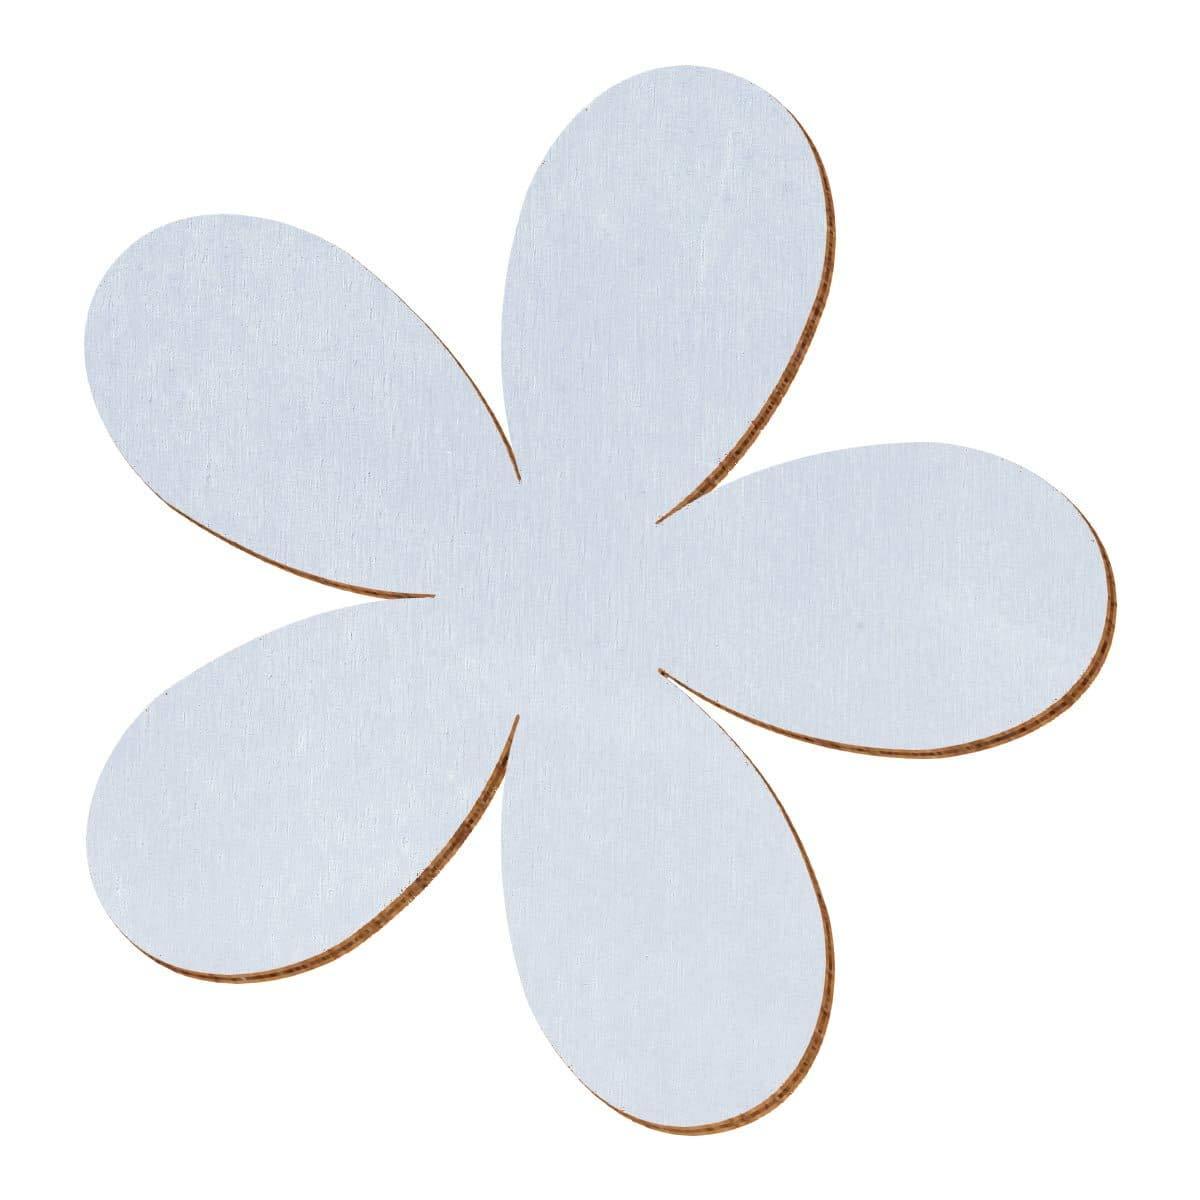 Lavendel farbene Holz Plumeria - 2-10cm Streudeko Basteln Deko Tischdeko, Größe 10cm, Pack mit 100 Stück B07NC15Z9S | Gute Qualität